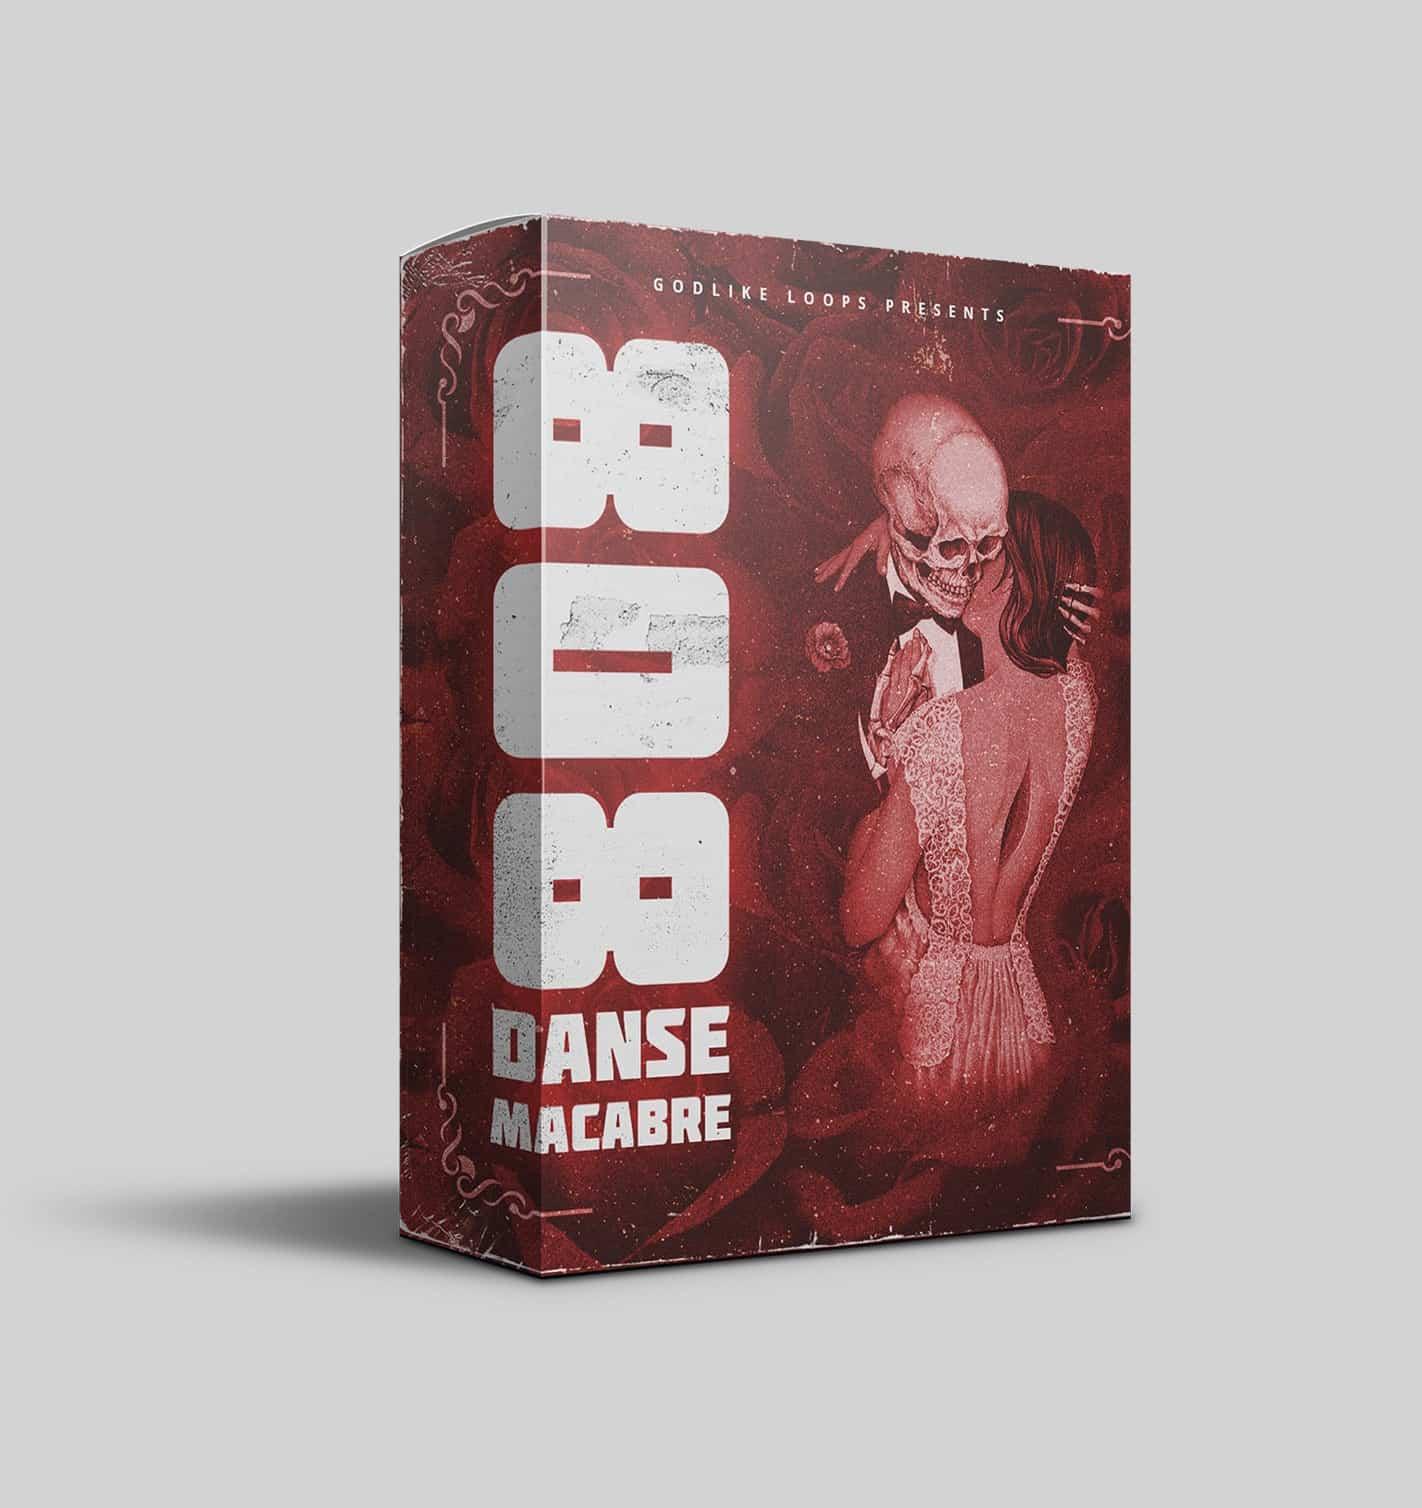 Godlike Loops - 808 Danse Macabre